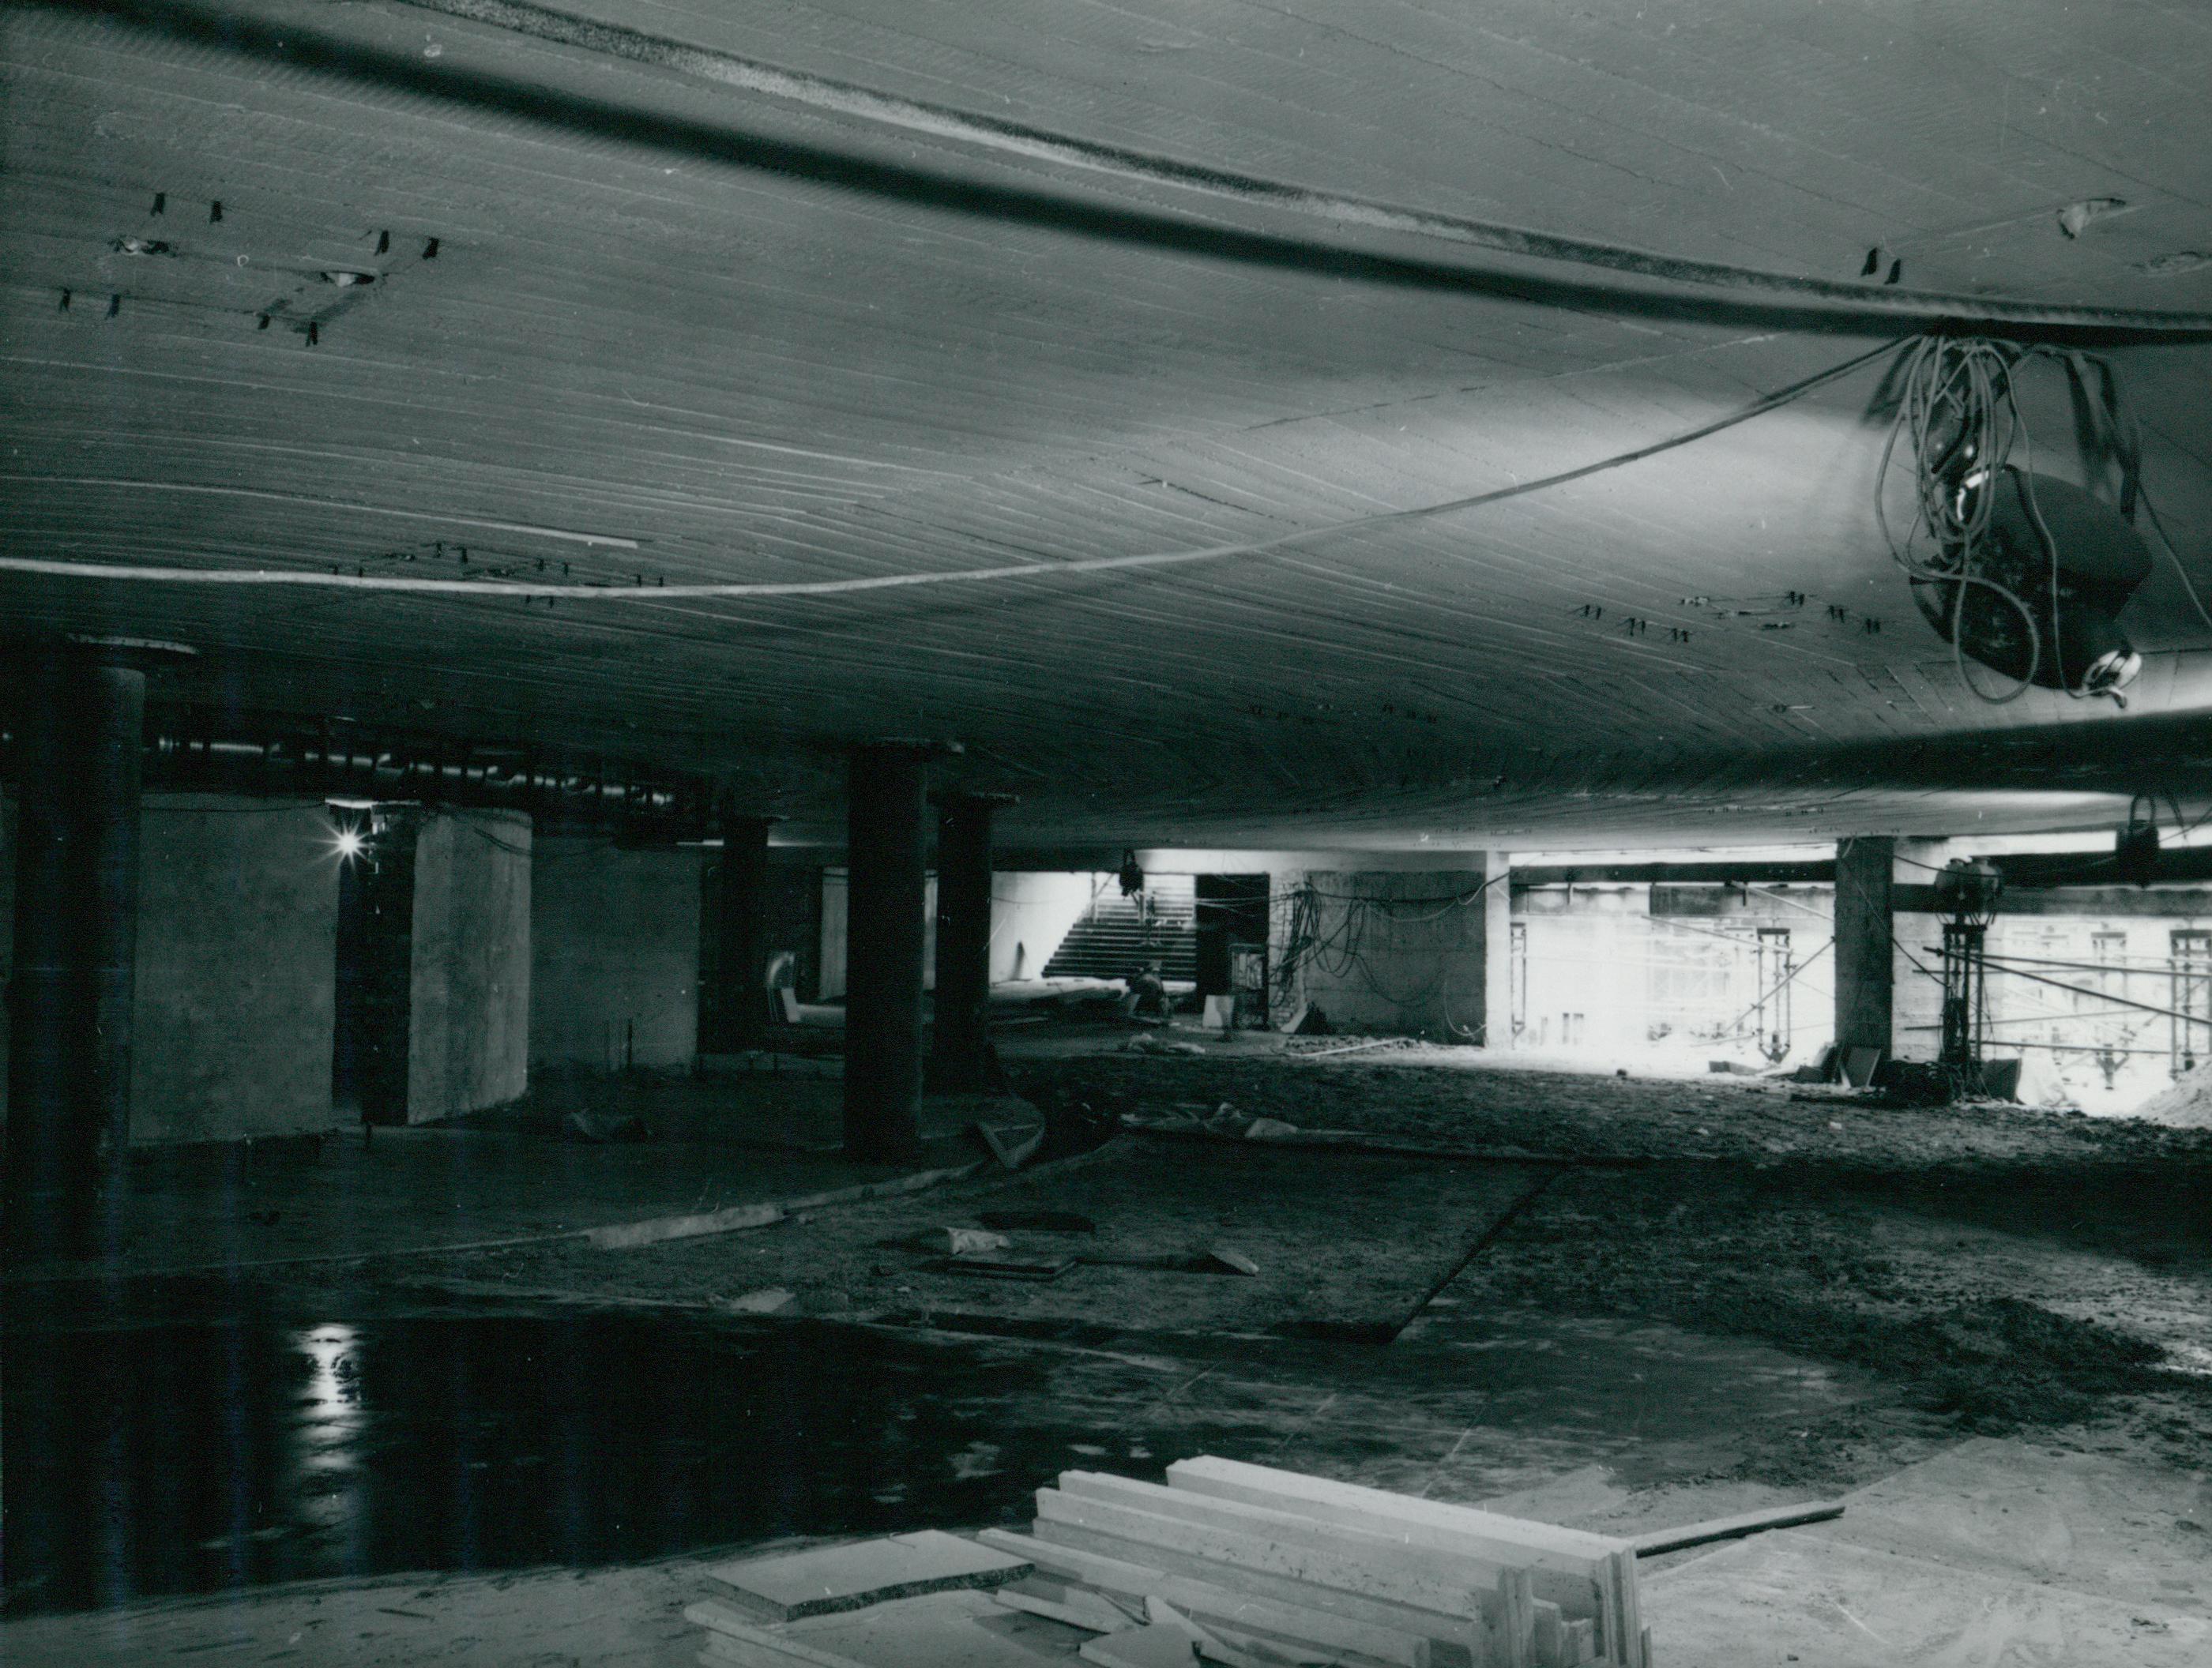 Épülő aluljáró a 3-as metró Népliget megállójánál